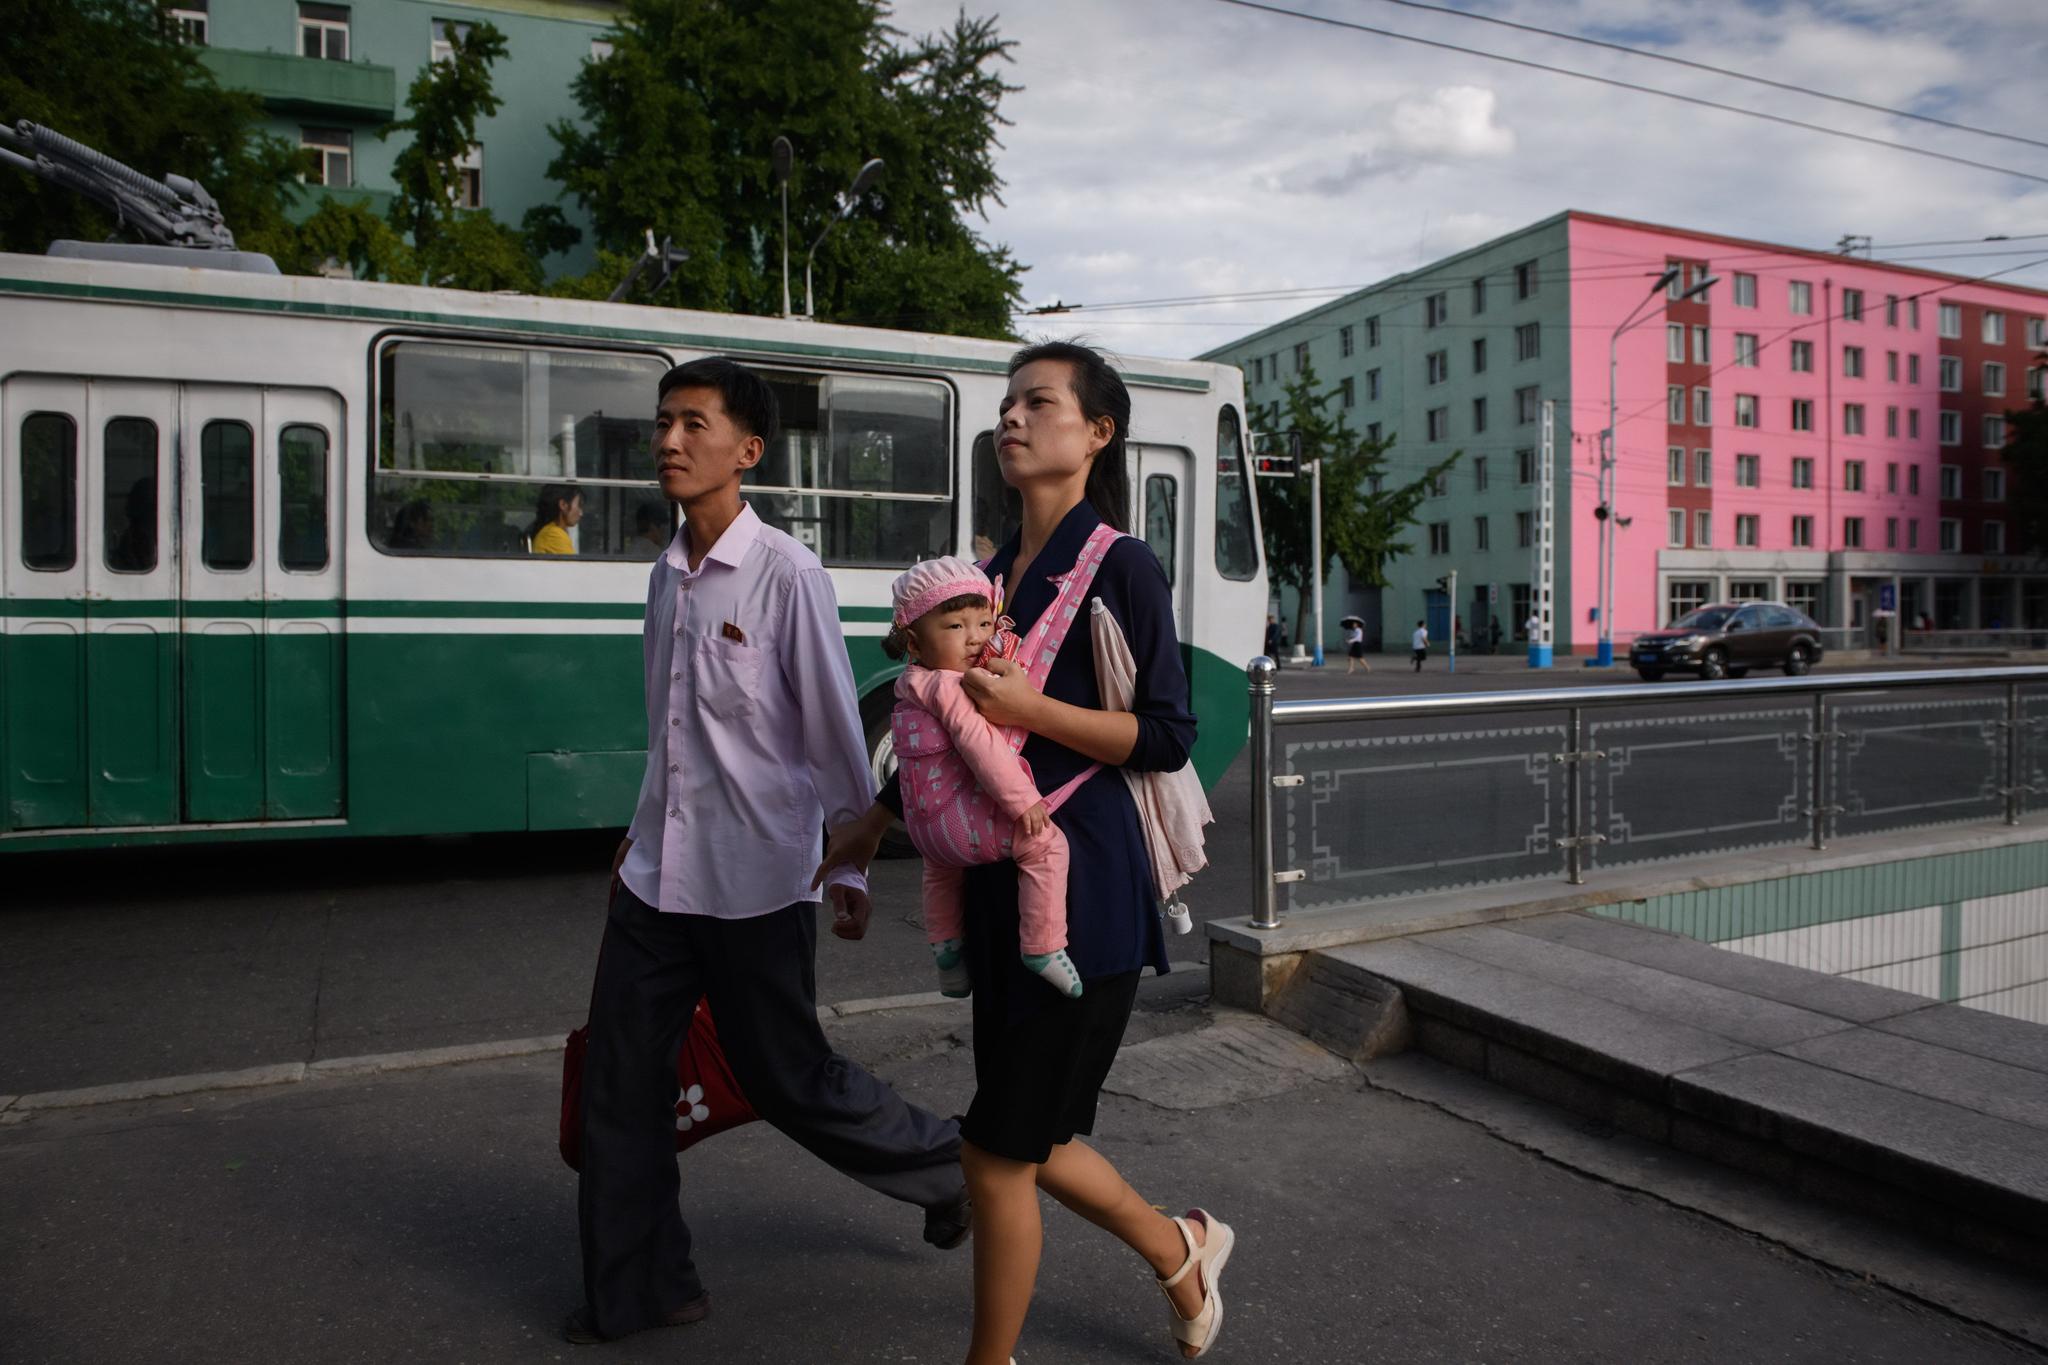 11일 한 북한 남성과 포대기로 아이를 안고 있는 여성이 평양 시내를 걷고 있다. 오른쪽 분홍색 건물과 아이 포대기의 분홍색이 눈에 띈다. [AFP=연합뉴스]